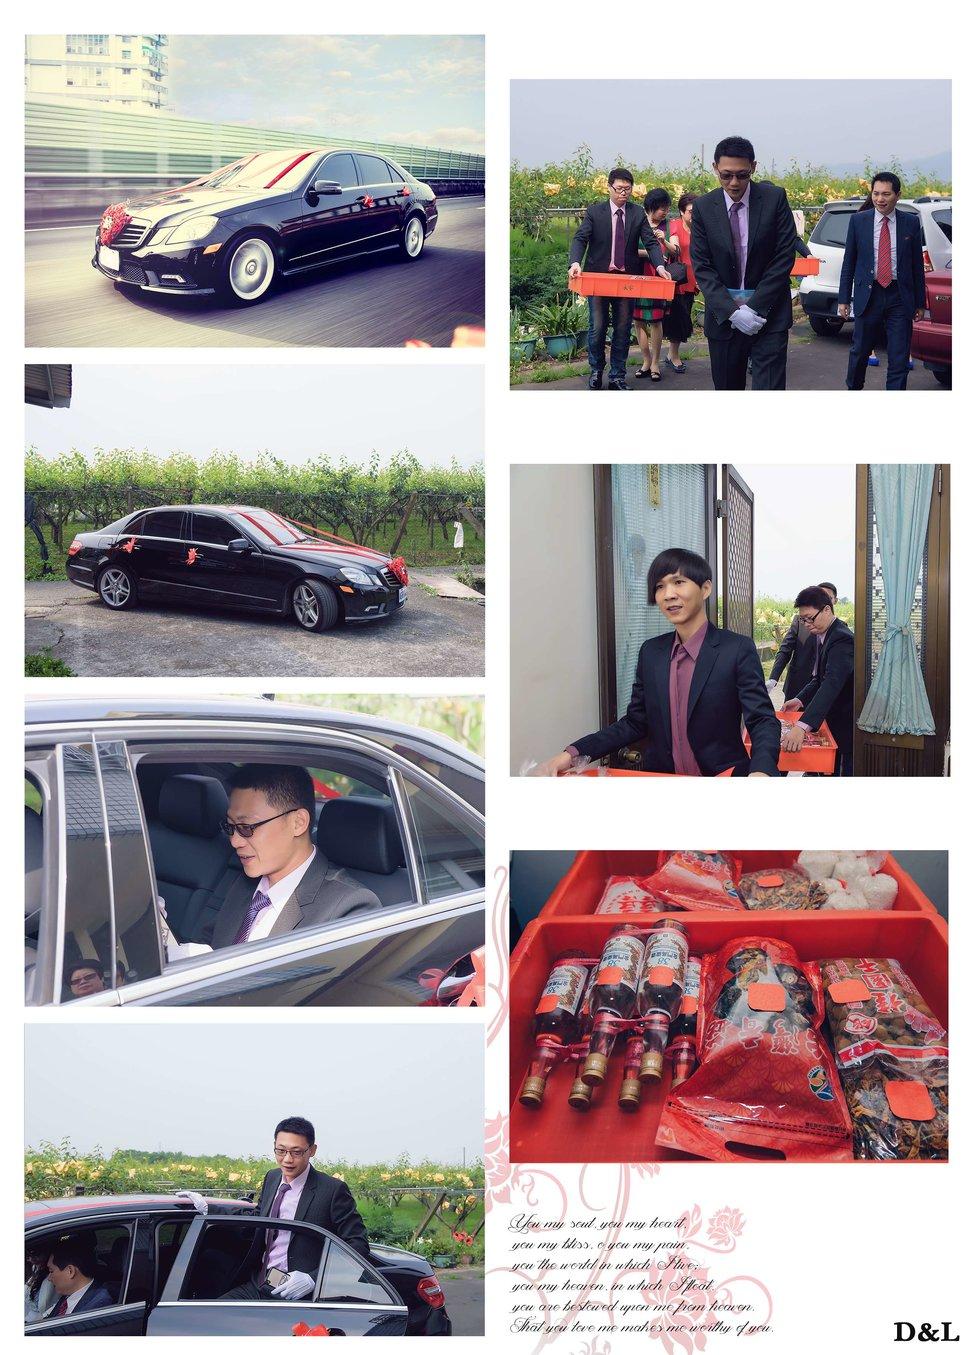 台中婚攝 婚禮記錄 錦全&昀臻-大和屋國際美食館大里(編號:6106) - D&L 婚禮事務-婚紗攝影/婚禮記錄 - 結婚吧